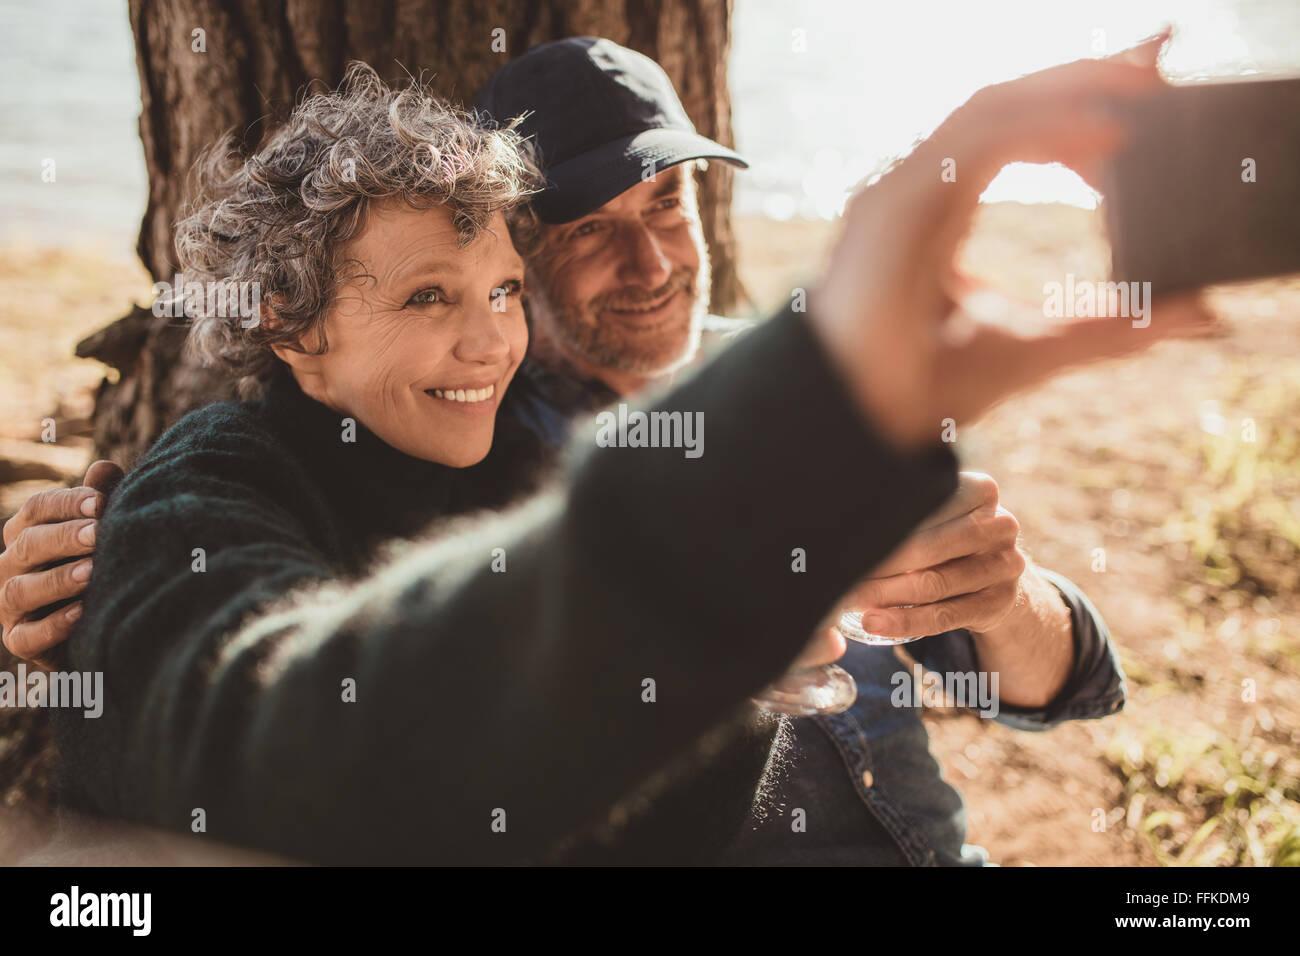 Gerne älteres Paar an ihre Selbstporträt mit ihrem Handy am camping Tag. Mann und Frau sitzen zusammen Stockbild